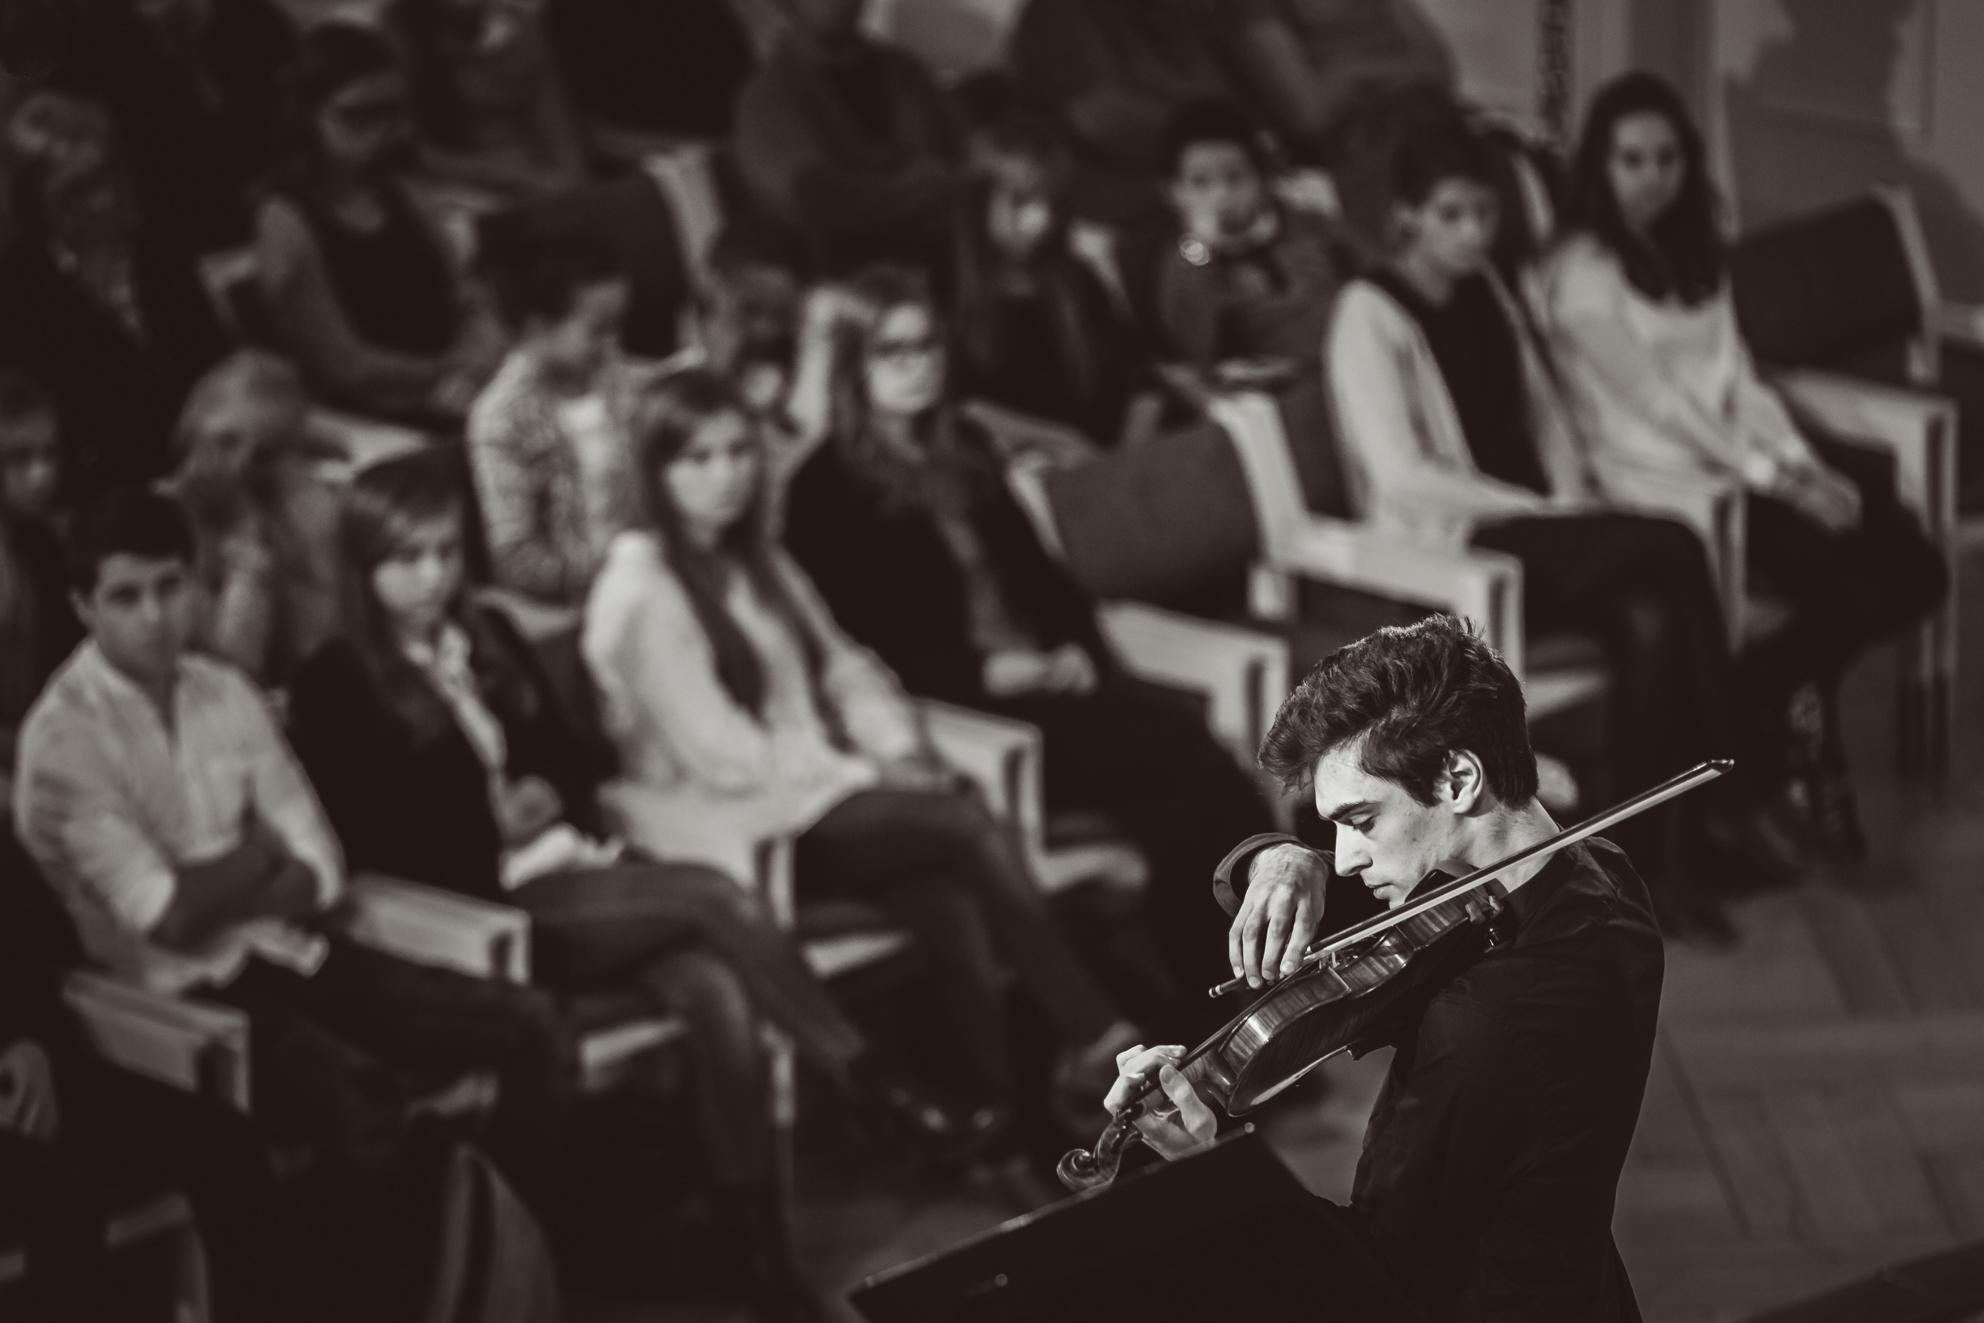 Semion Gurevich (Rosja) - Etap 1 - 15. Międzynarodowy Konkurs Skrzypcowy im. H. Wieniawskiego BINAURAL   na słuchawki